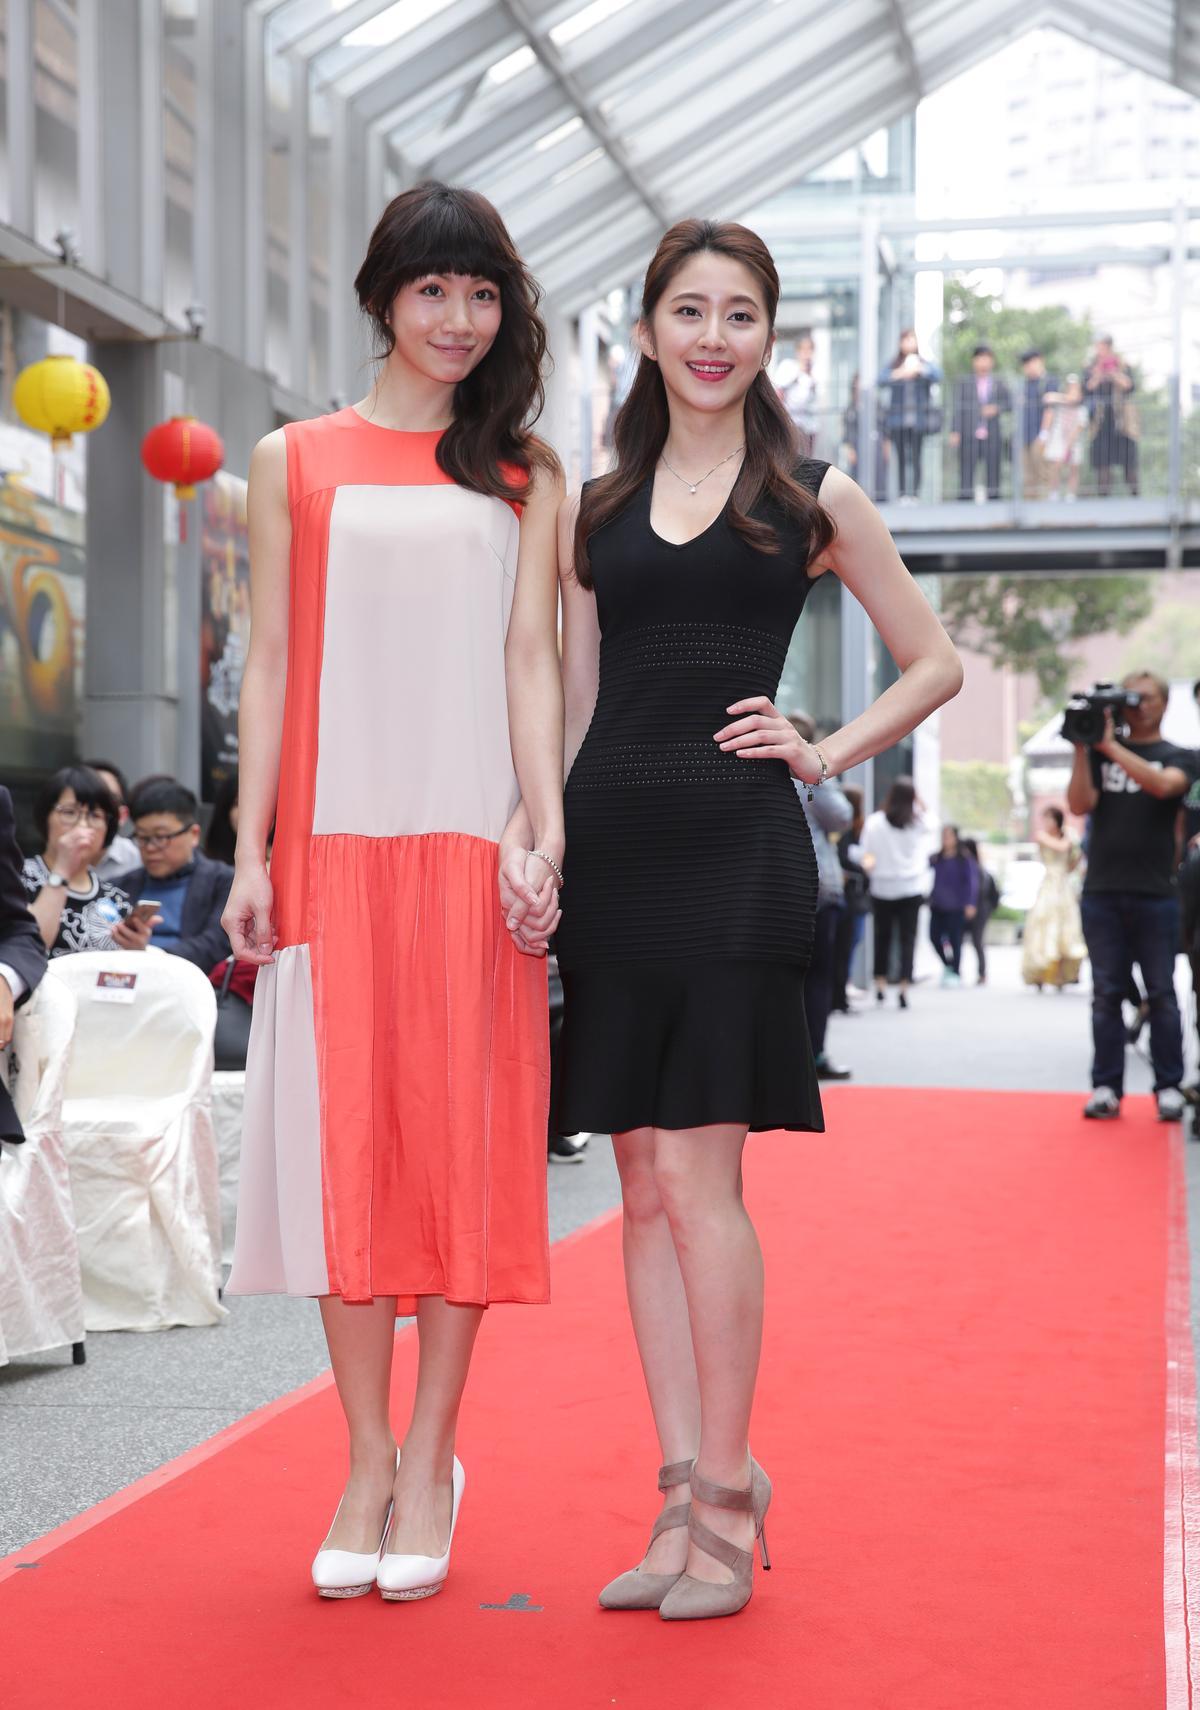 李千娜在劇中飾演來求神問卜的大明星,並秀了一手自彈自唱;謝翔雅也以26歲之齡演出高中生。